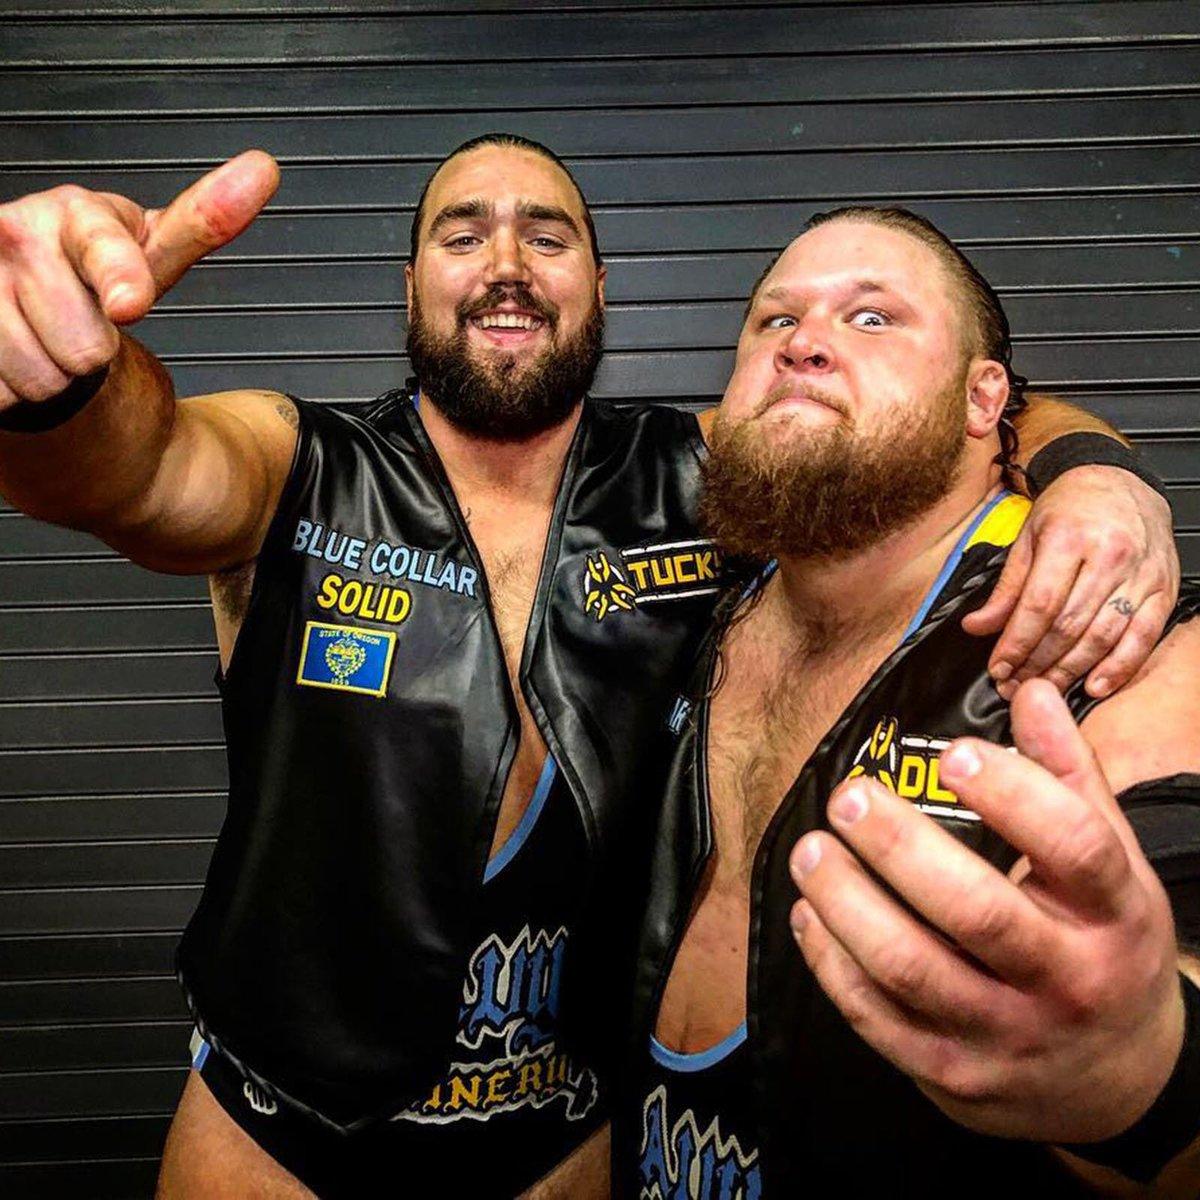 #HeavyMachinery vont encore créer la sensation ce soir à #Raw ? @otiswwe @tuckerwwe